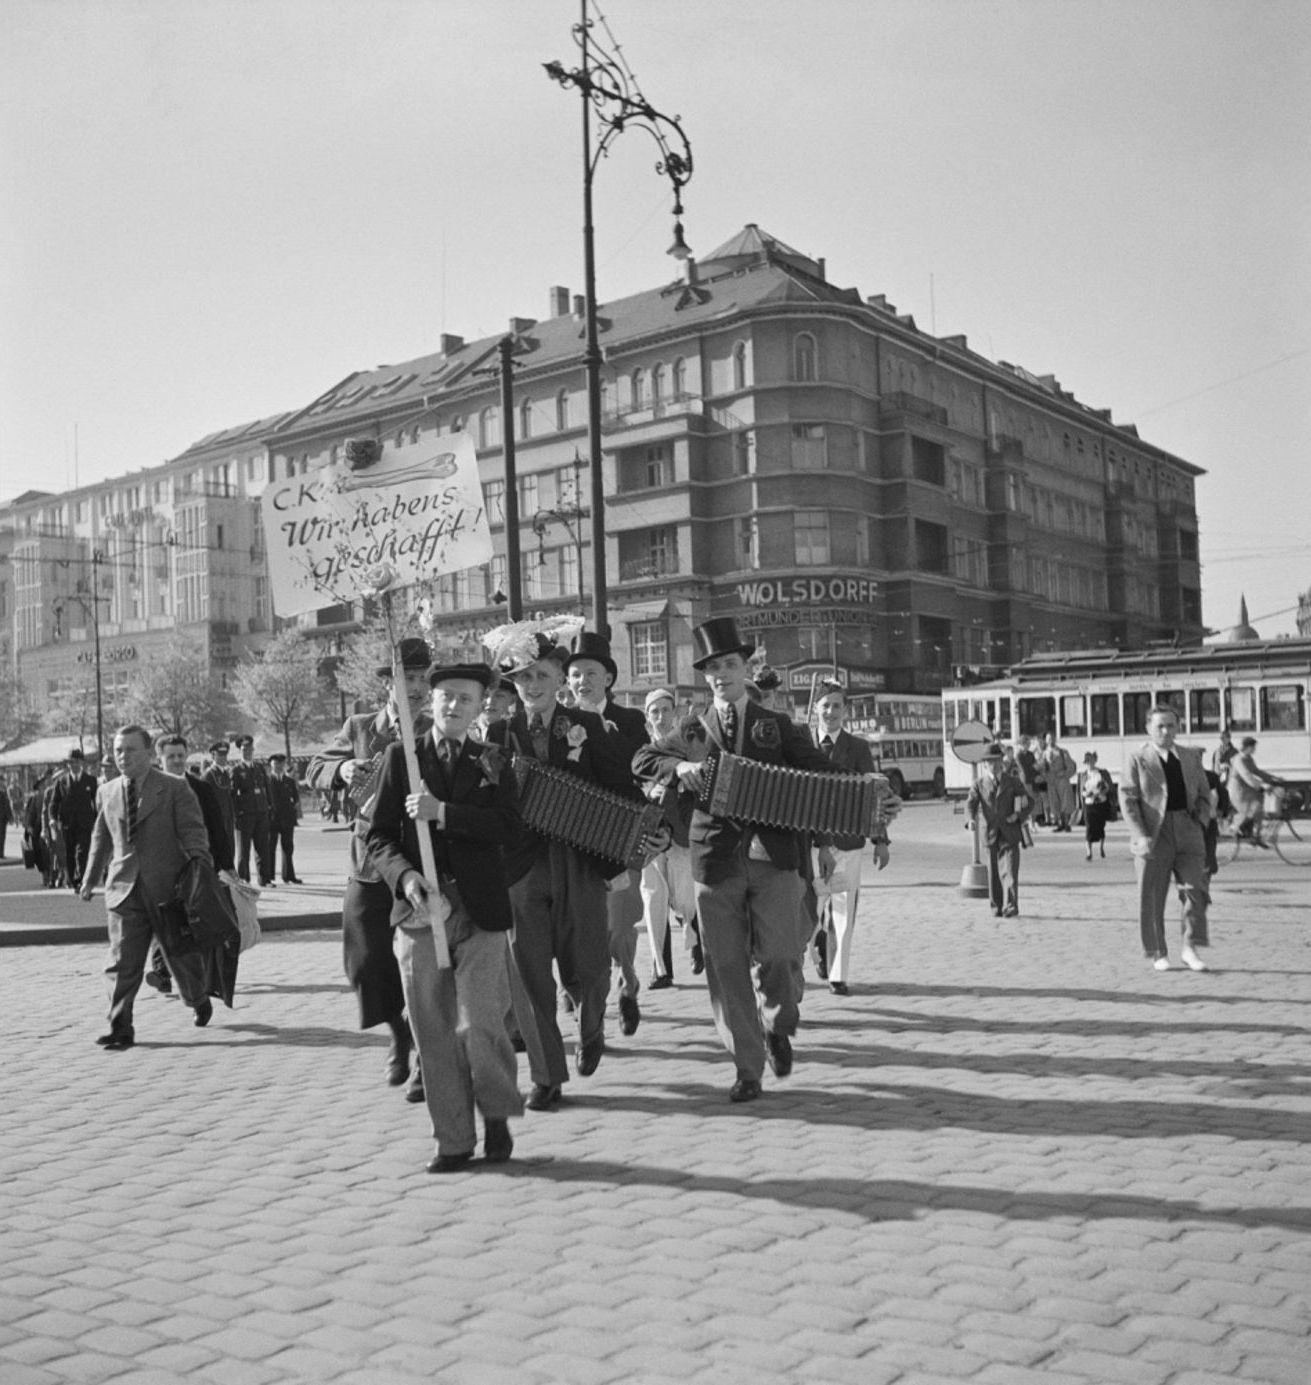 1932. Ученики мясников отмечают окончание экзаменов. Надпись гласит «Мы сделали это!». Харденбергштрассе, Берлин